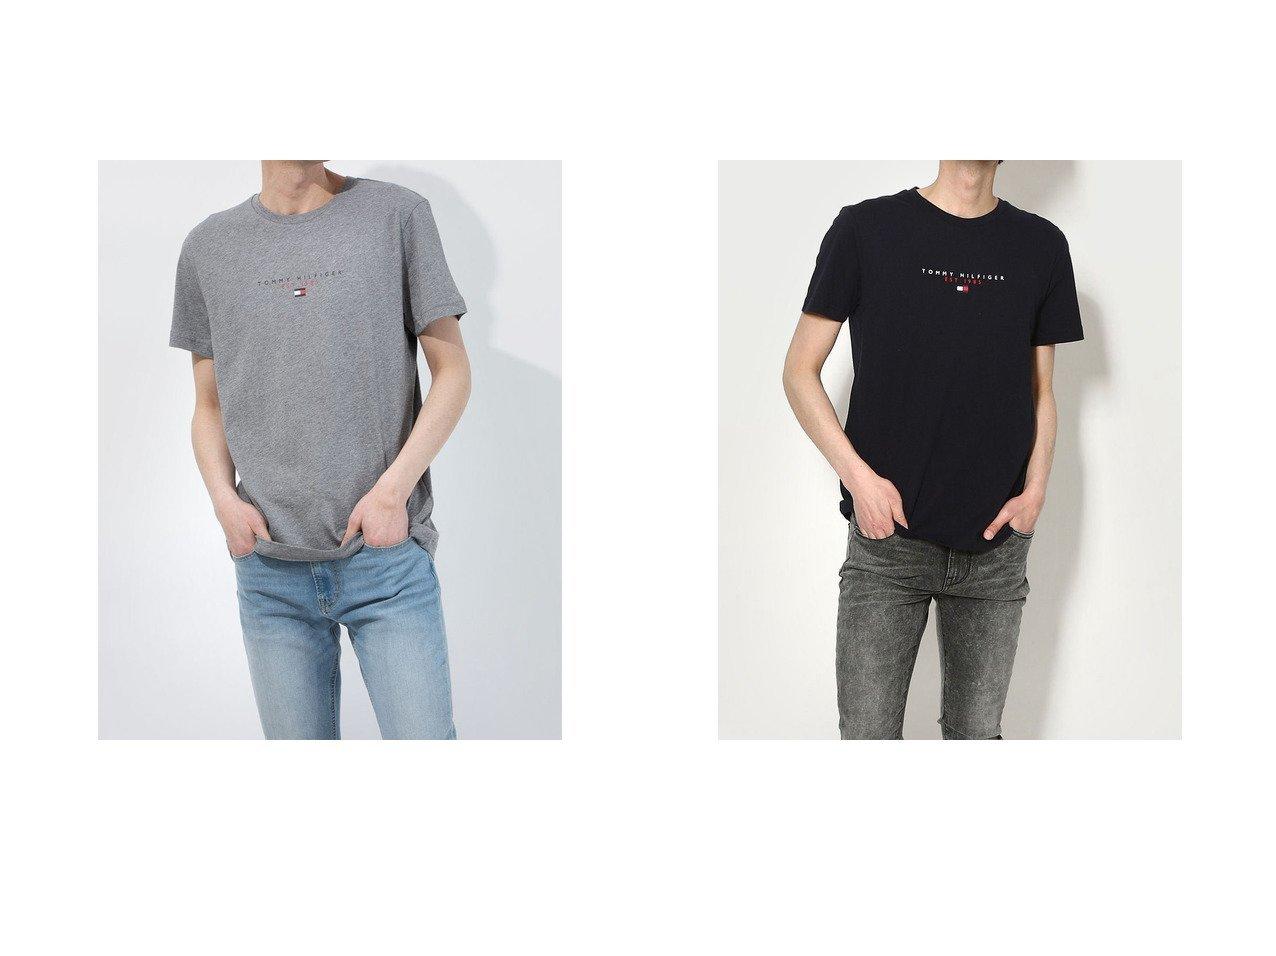 【TOMMY HILFIGER/トミーヒルフィガー】の【オンライン限定】ロゴTシャツ おすすめ!人気トレンド・レディースファッション通販 おすすめで人気の流行・トレンド、ファッションの通販商品 インテリア・家具・メンズファッション・キッズファッション・レディースファッション・服の通販 founy(ファニー) https://founy.com/ ファッション Fashion レディースファッション WOMEN トップス・カットソー Tops/Tshirt シャツ/ブラウス Shirts/Blouses ロング / Tシャツ T-Shirts 2021年 2021 2021春夏・S/S SS/Spring/Summer/2021 S/S・春夏 SS・Spring/Summer フィット プリント ボックス レギュラー 定番 Standard 春 Spring |ID:crp329100000046047